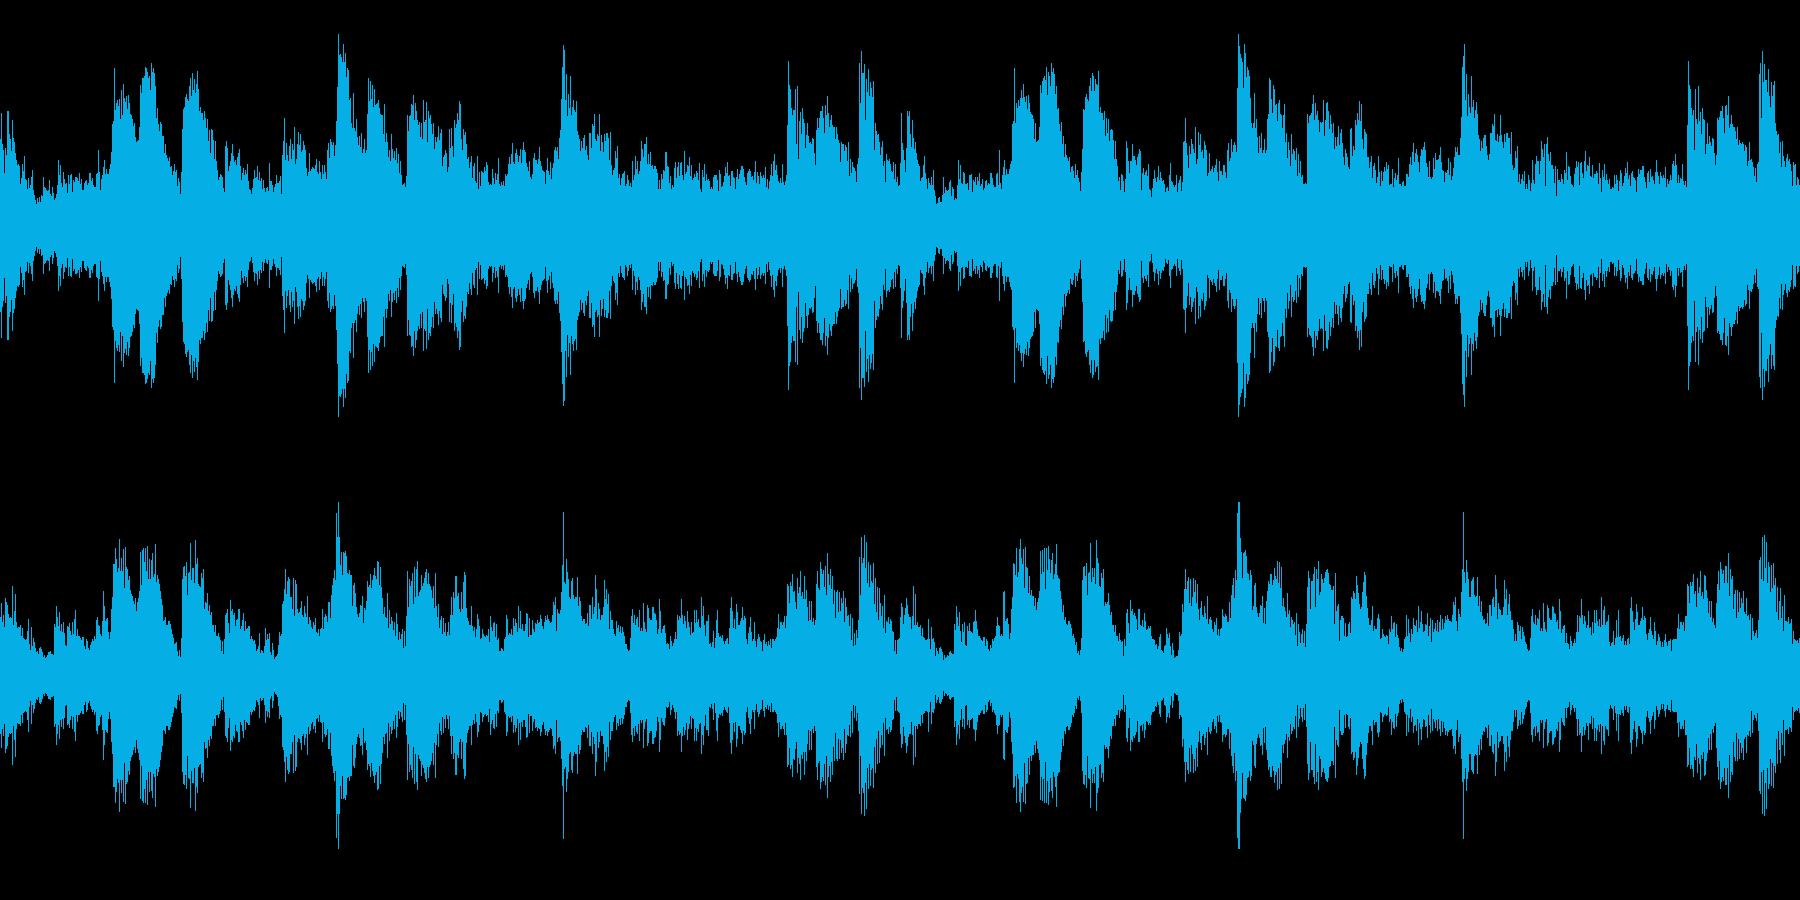 ゆったりめのアンビエント調エレクトロニカの再生済みの波形